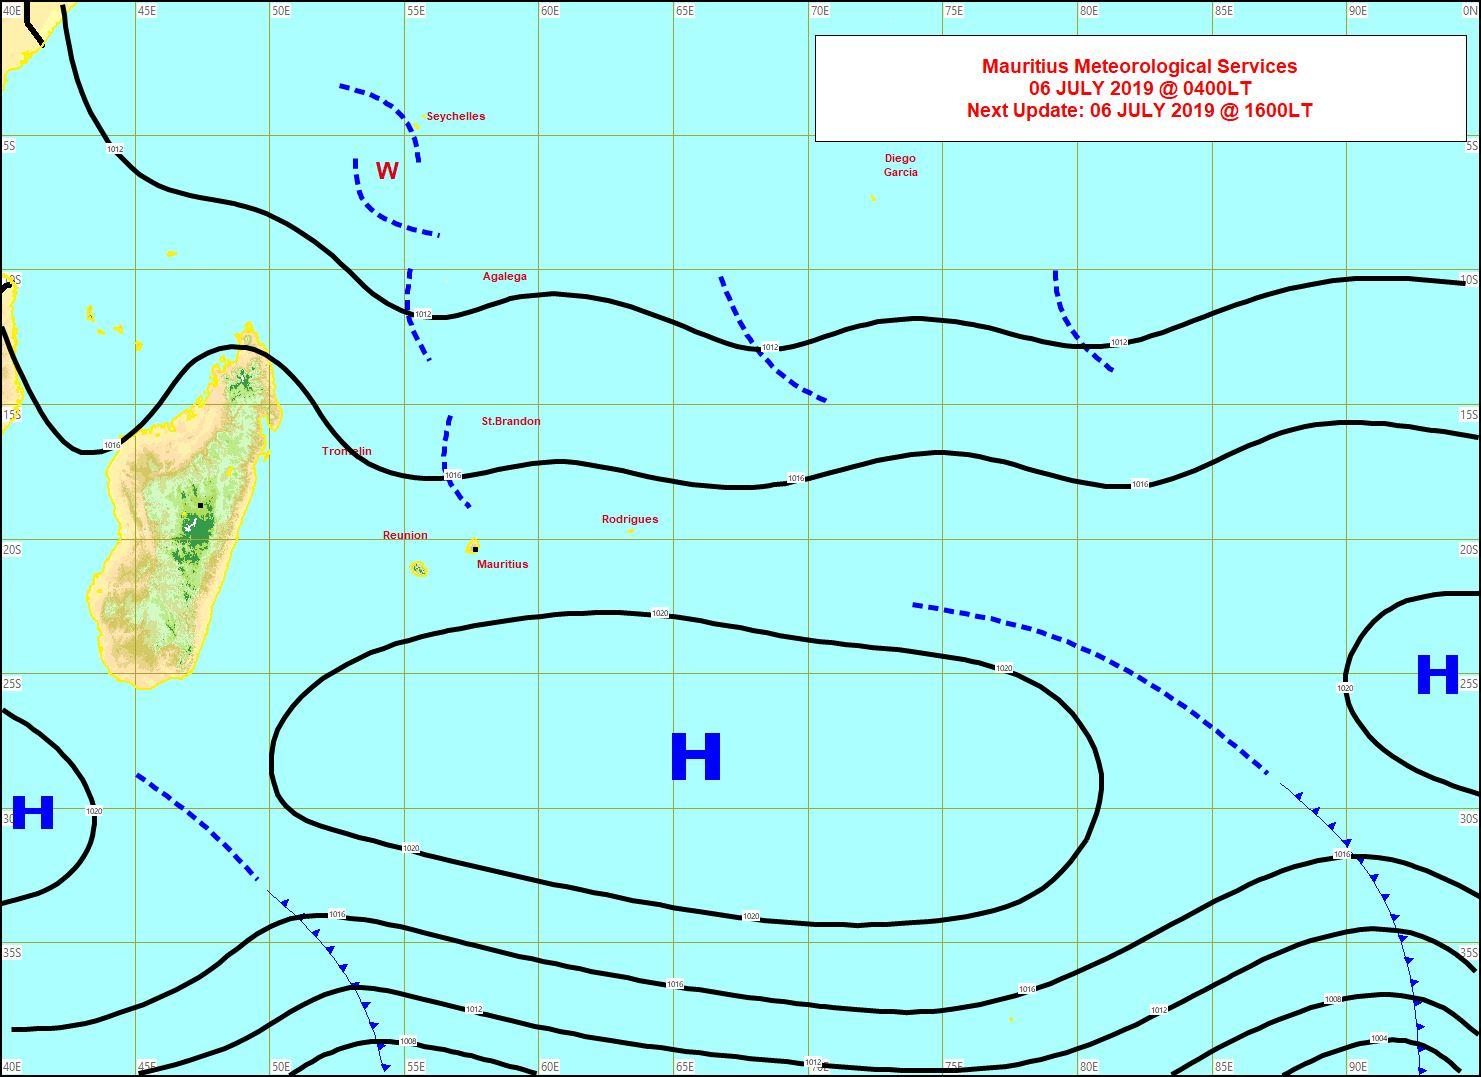 Analyse de la situation de surface ce matin. Une petite ligne d'instabilité(pointillés) s'approche des côtes Nord-Est de la REUNION. MMS